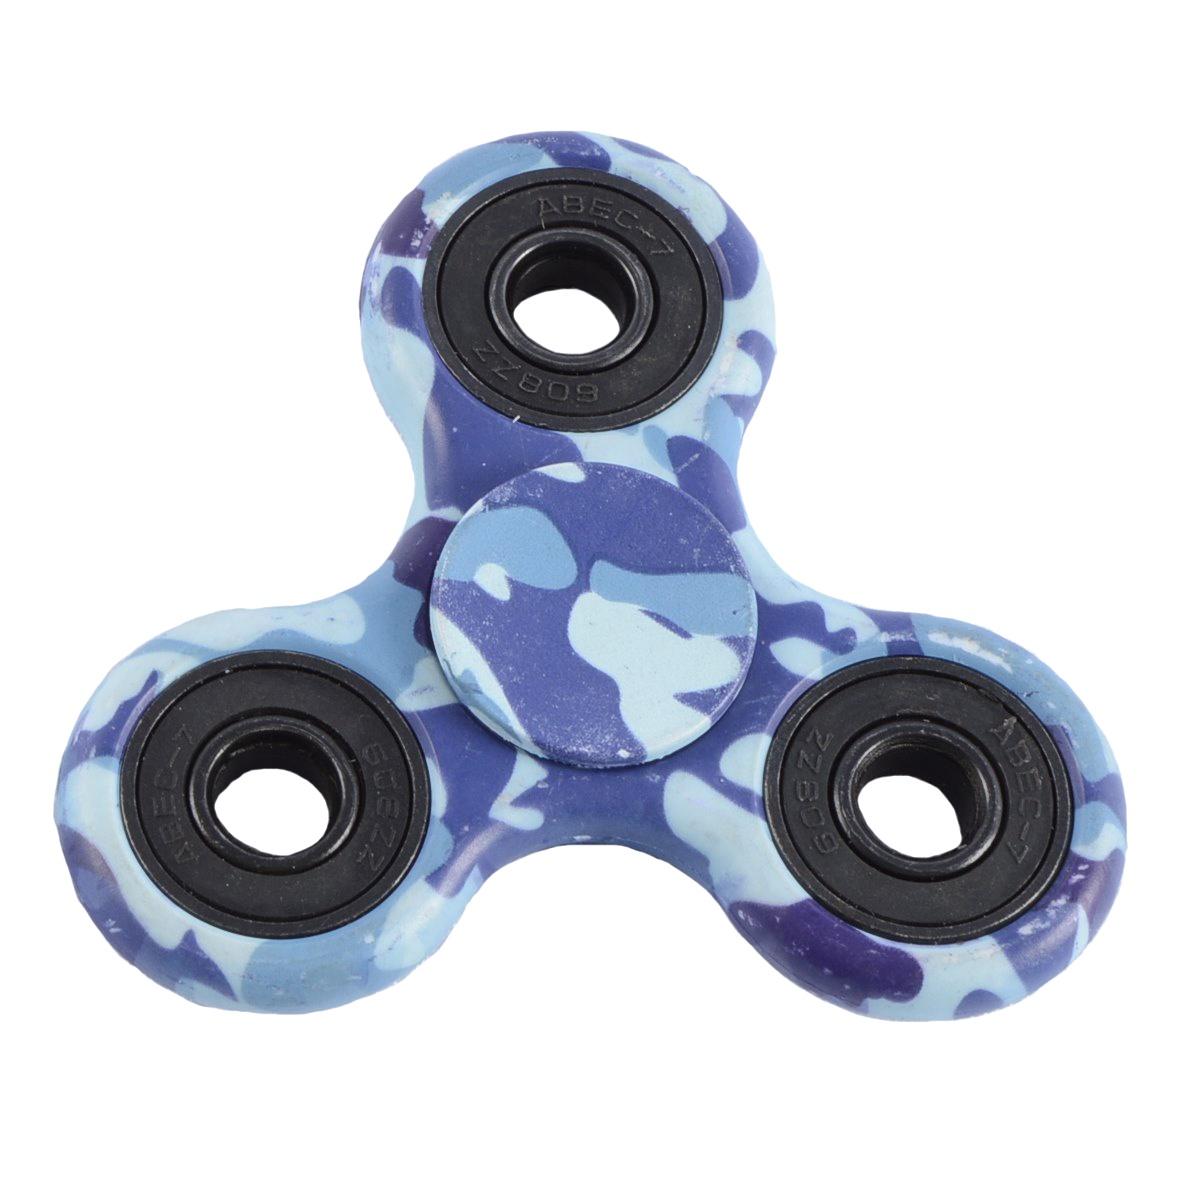 Спиннер Fidget Spinner Антистресс, FSPIN0028 игрушка антистресс спиннер fidget hand spinner